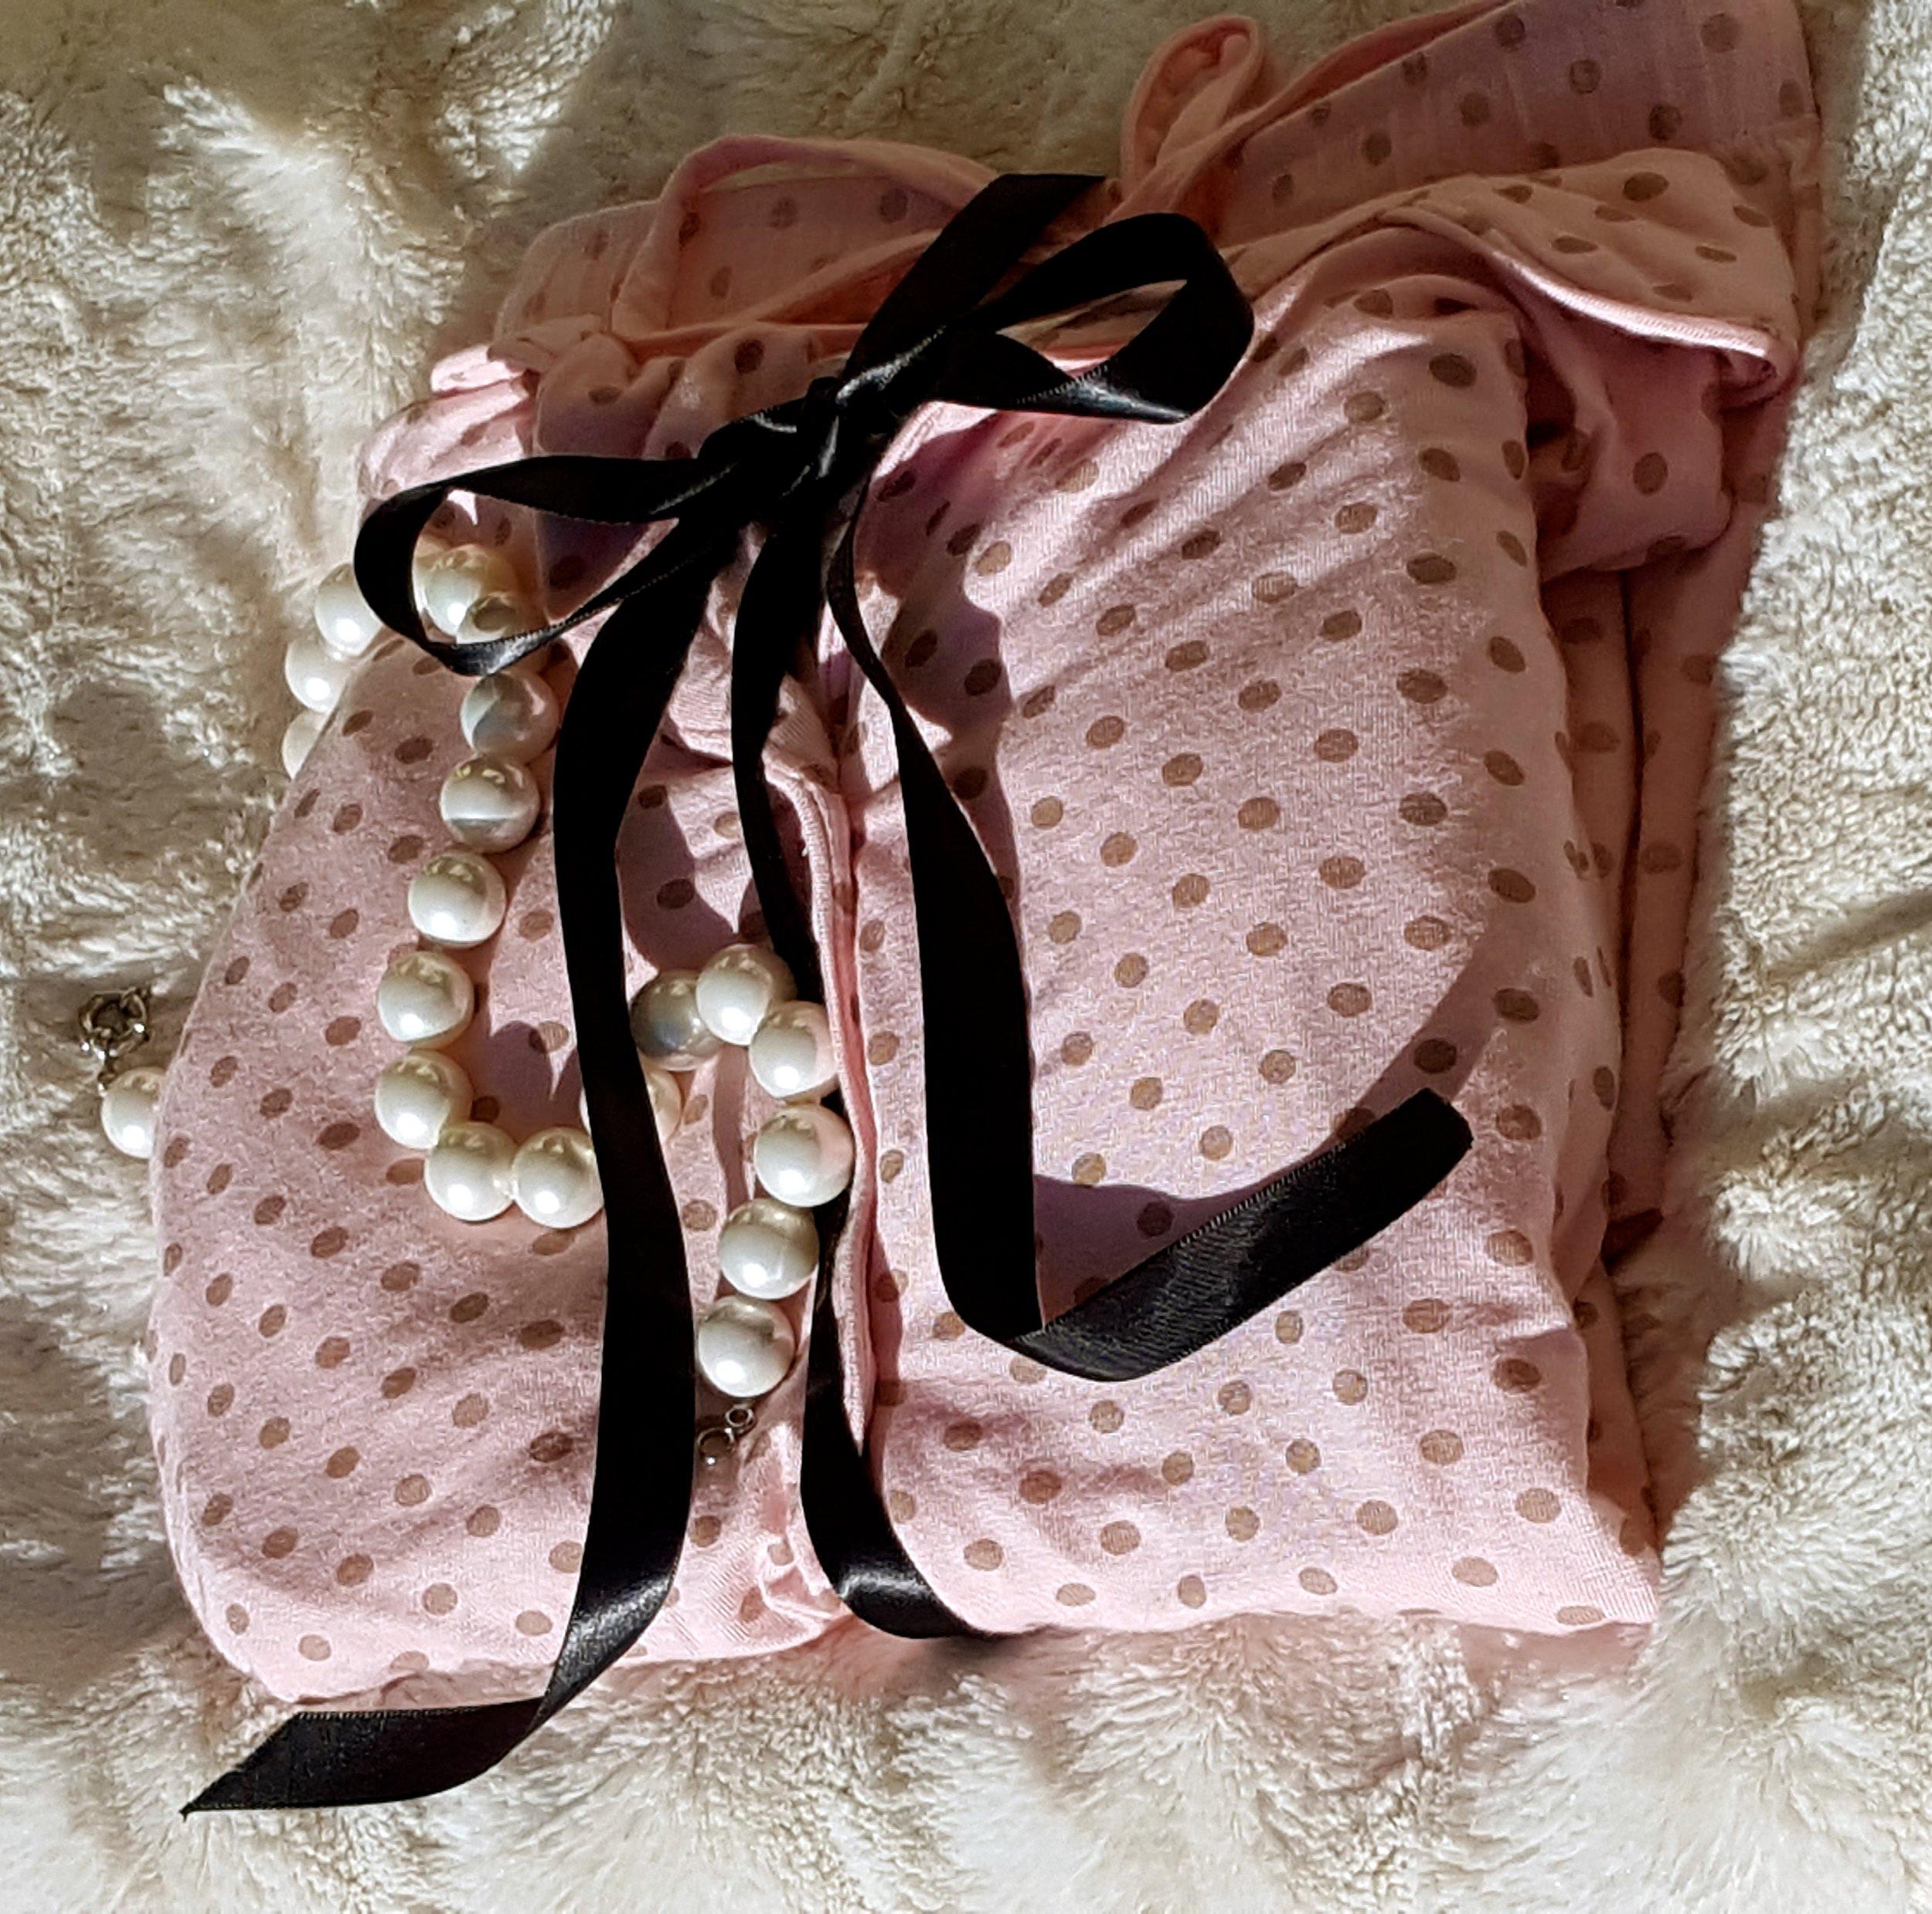 The Polka Dot Pyjamas; Pure Simple Change; Simplicity Life Coaching; Sarah Creek